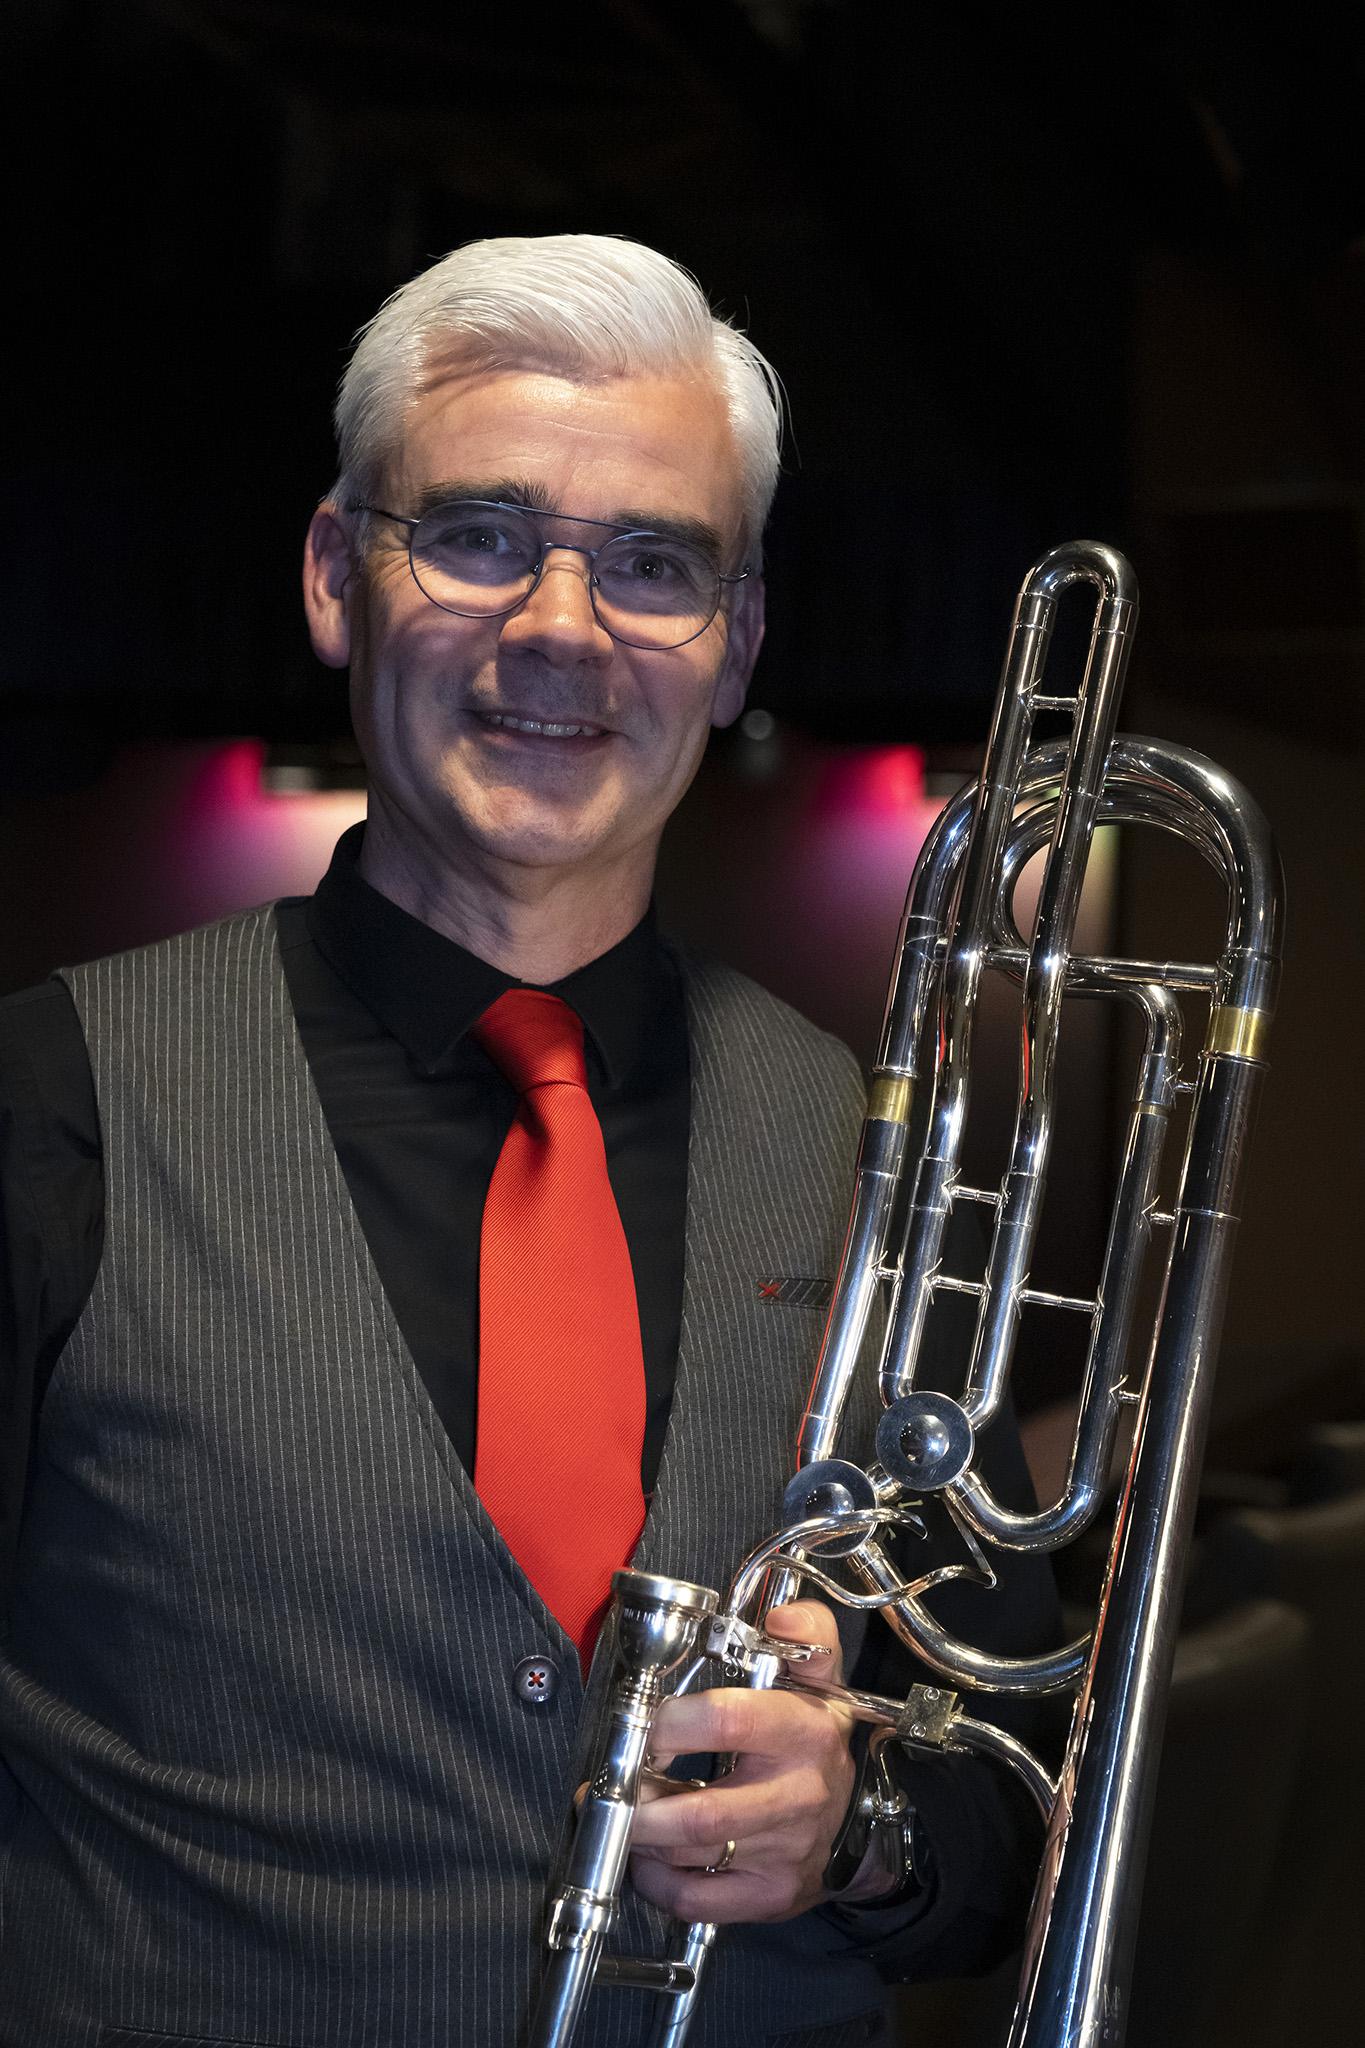 Ruud Beurskens Bas Trombone